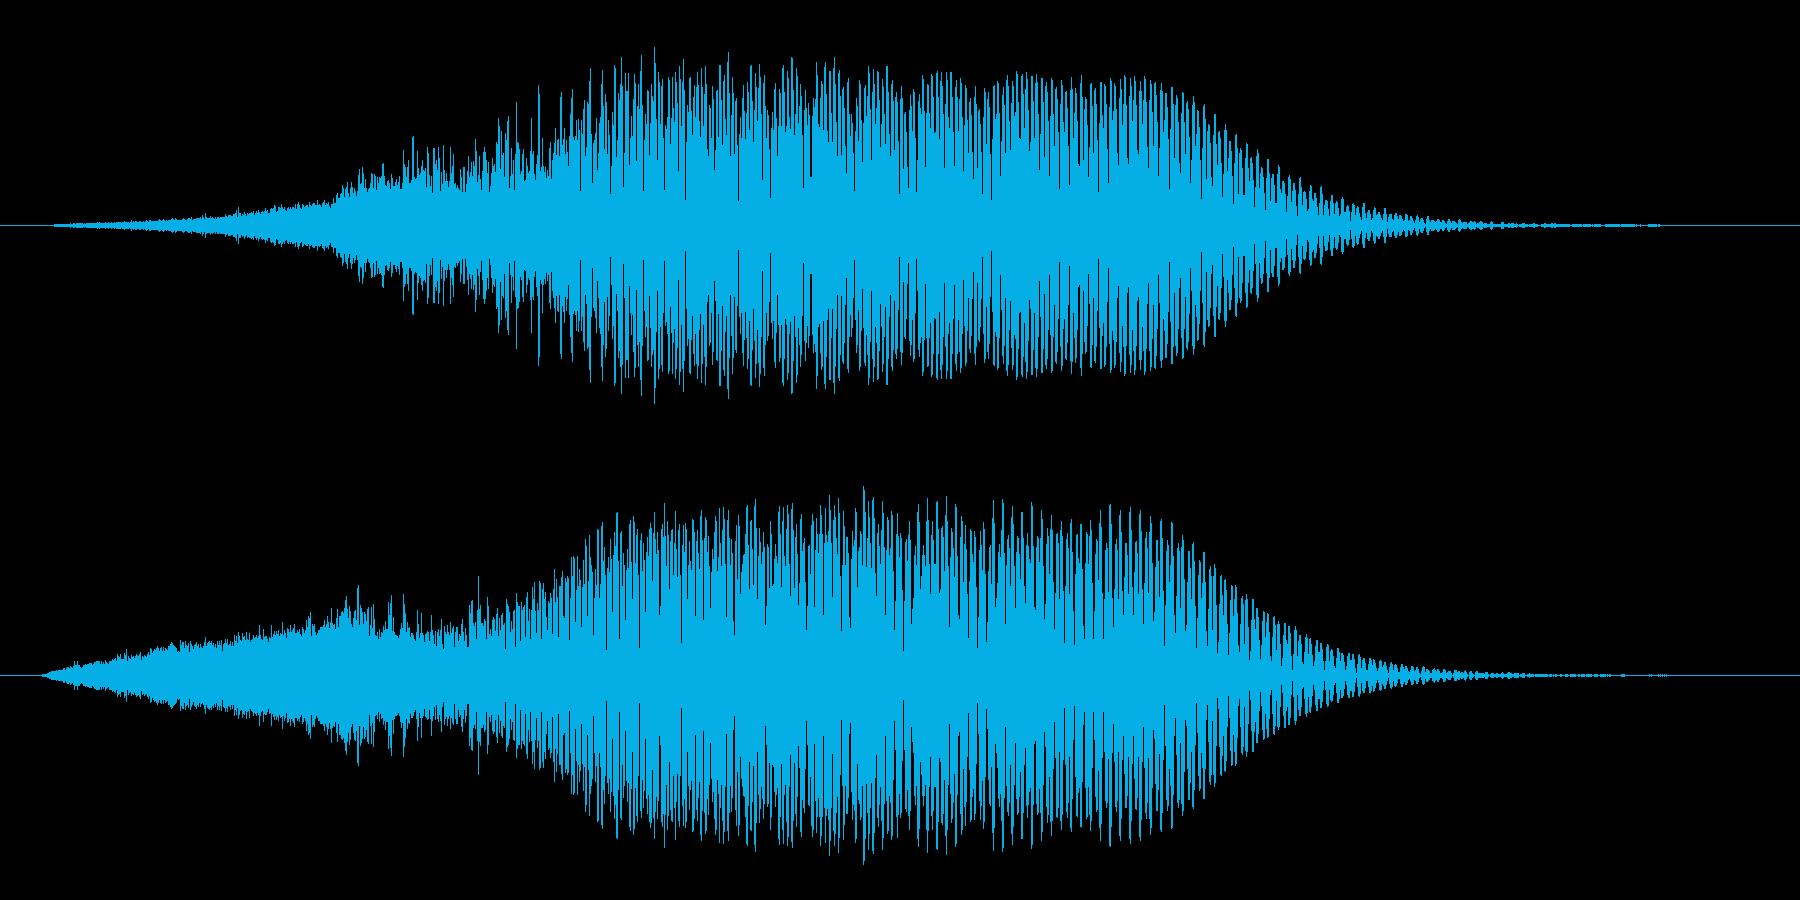 ハリウッドSF_流行_低音_ブーン_02の再生済みの波形